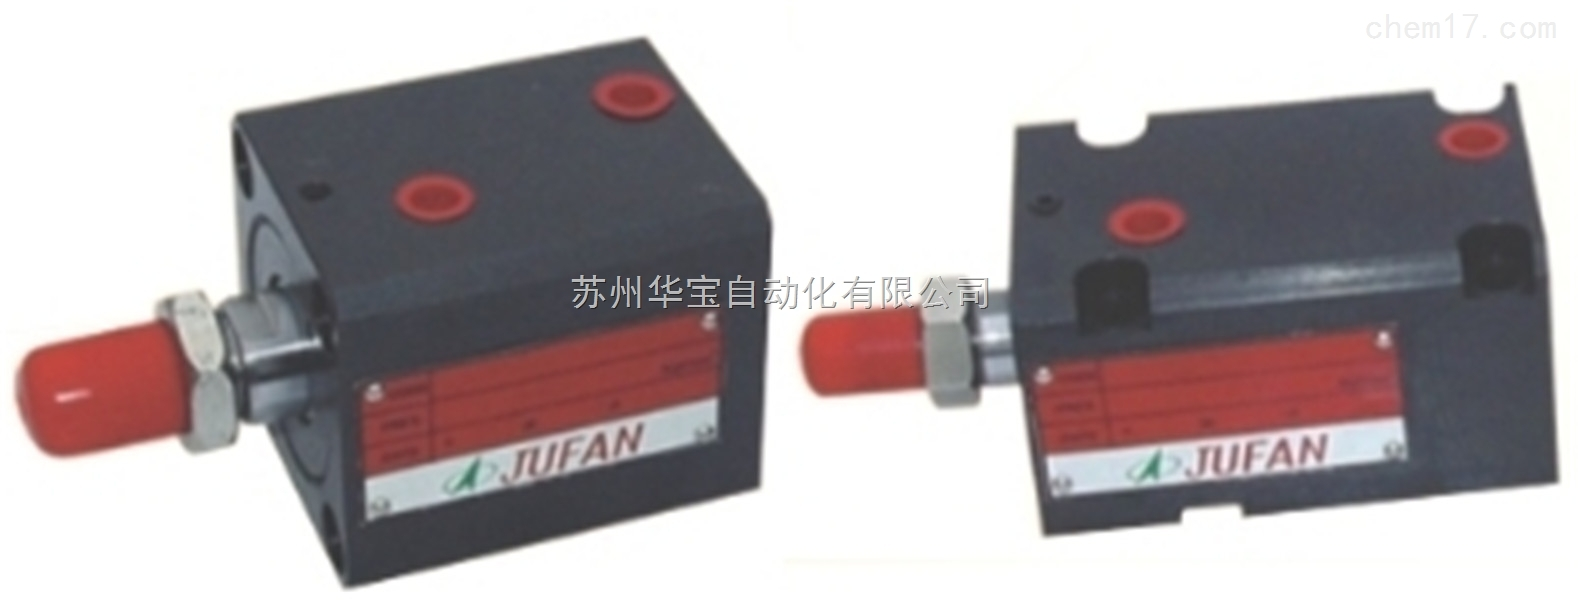 上海油缸结构图规格君帆jufan